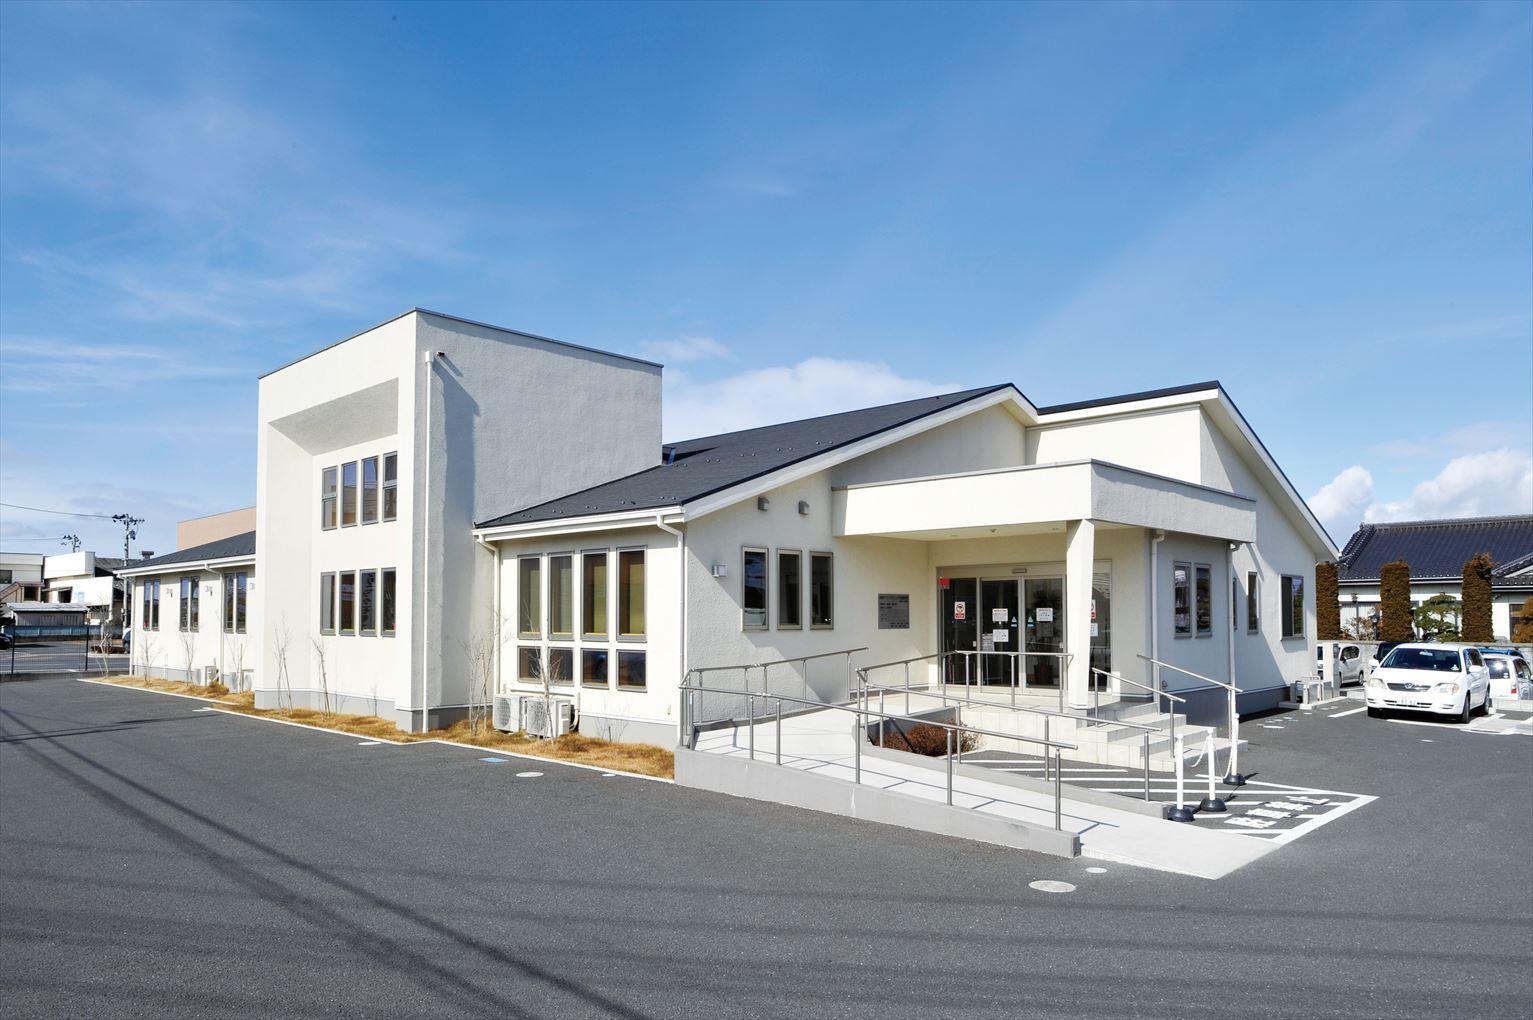 医院開業・事業承継で重要なのは、培ってきたノウハウ。